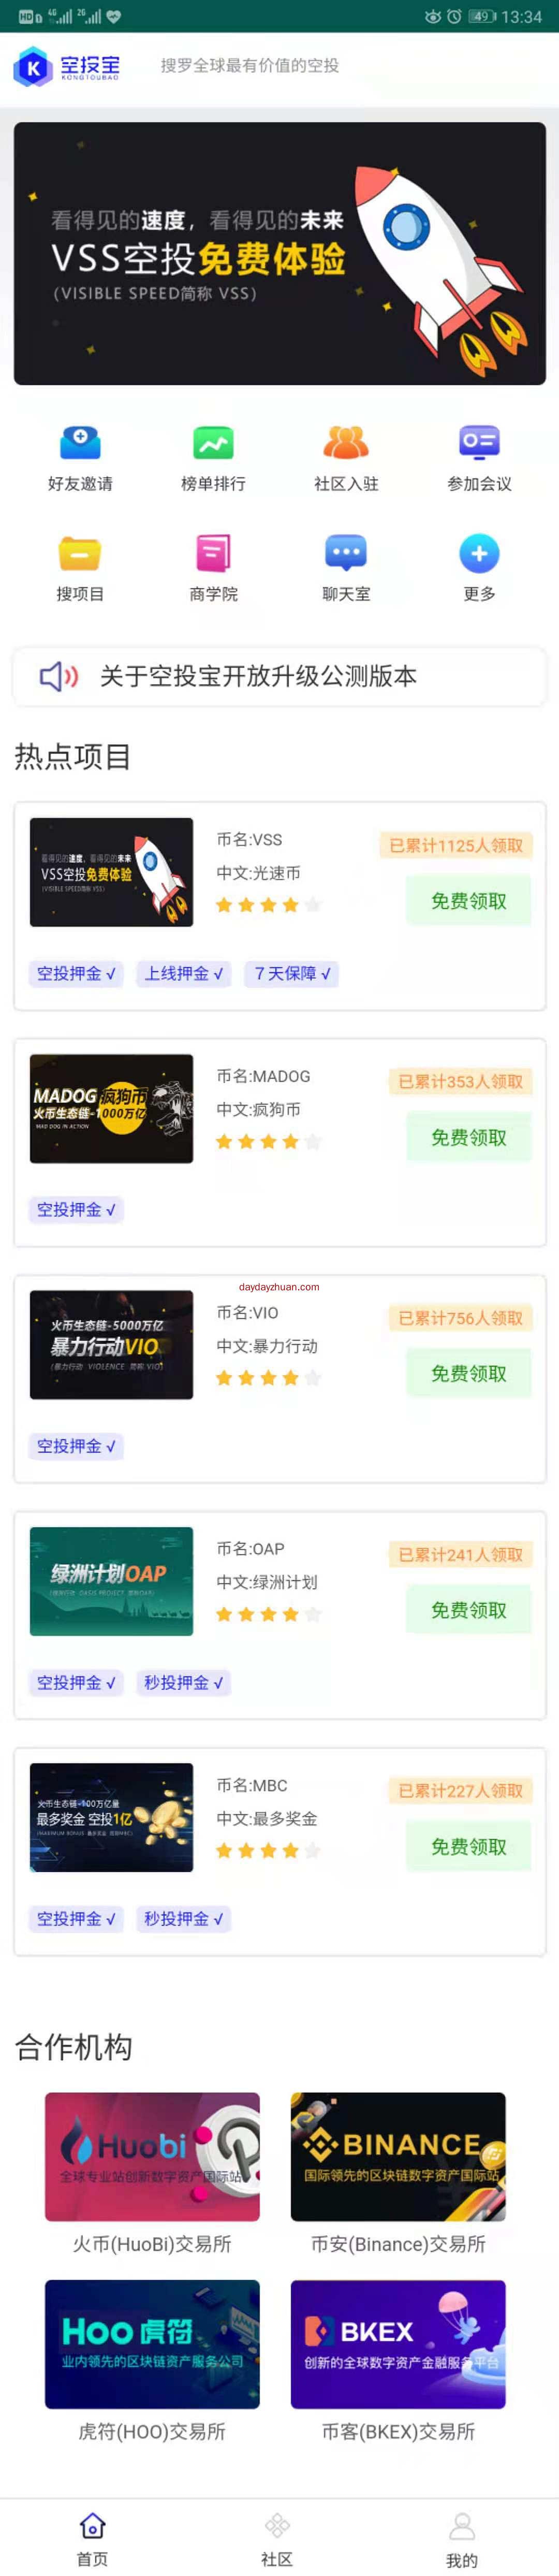 免费领VIO、VSS、OAP、MADOG 、MBC空投 新币 第1张